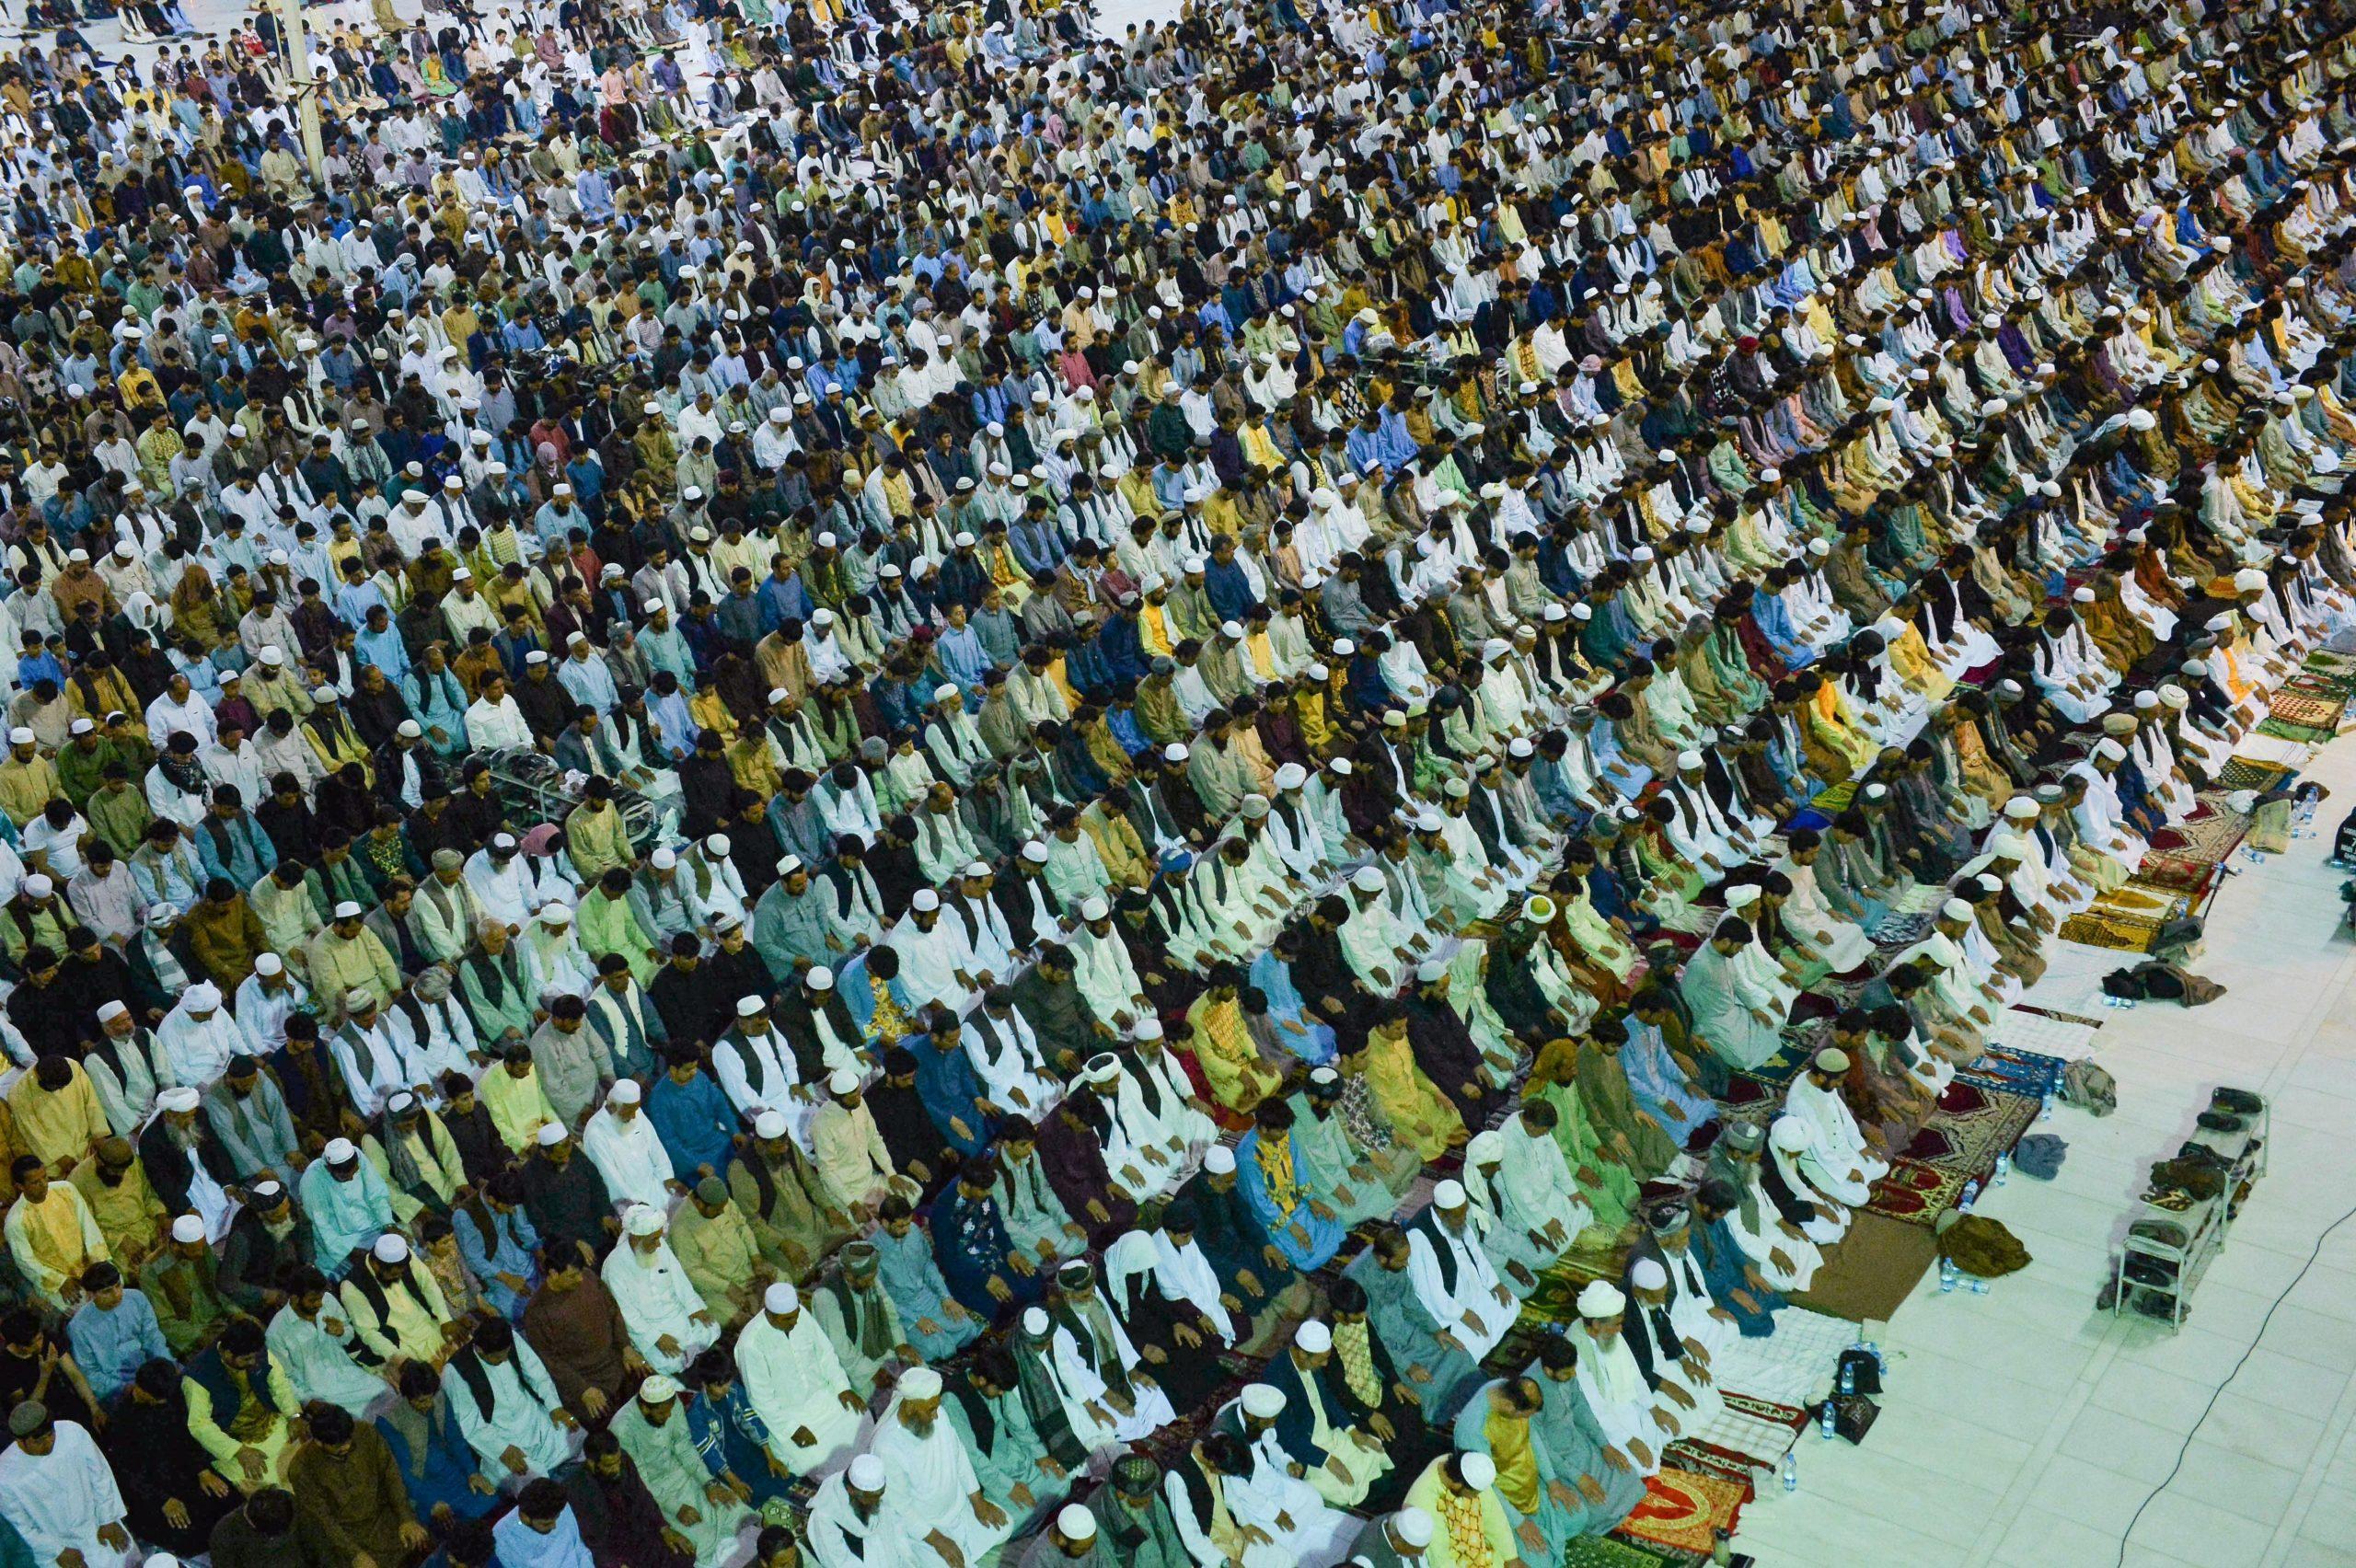 gettyimages 1232298928 scaled - <b>Что такое шариат и действительно ли он так страшен, как о нем говорят?</b> Объясняем на пальцах в контексте «Талибана» - Заборона